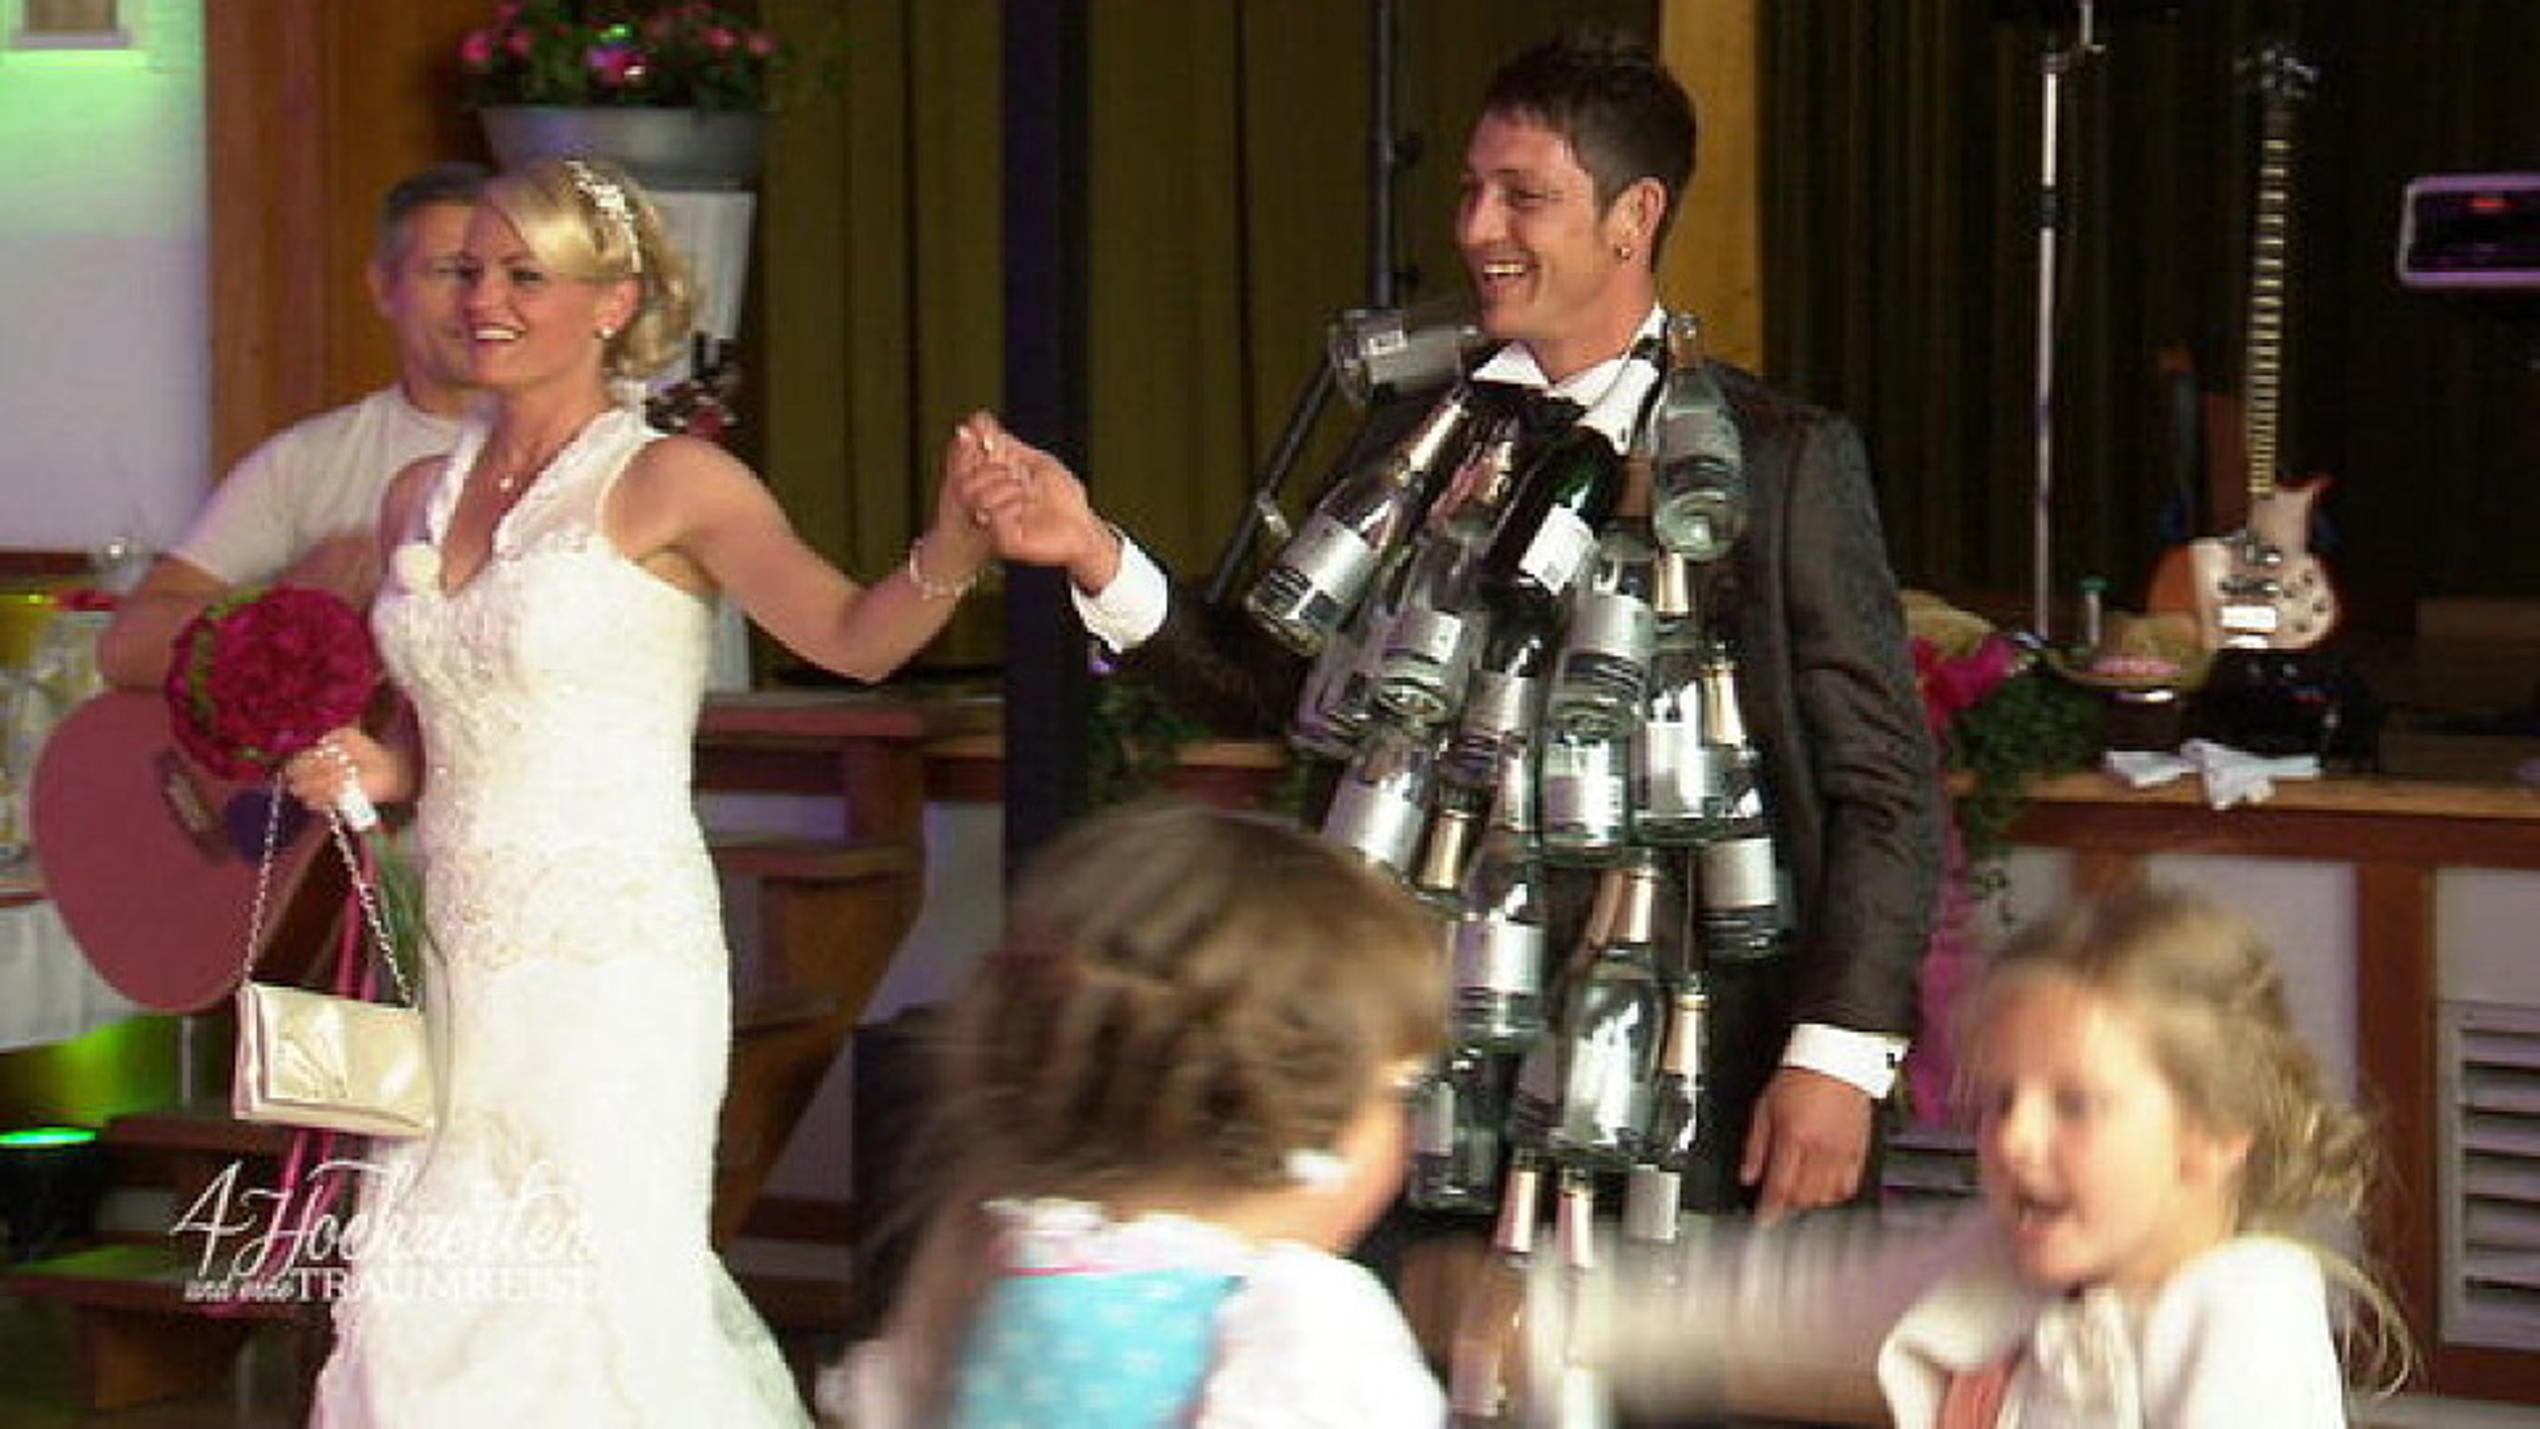 Spiele Bei Hochzeiten